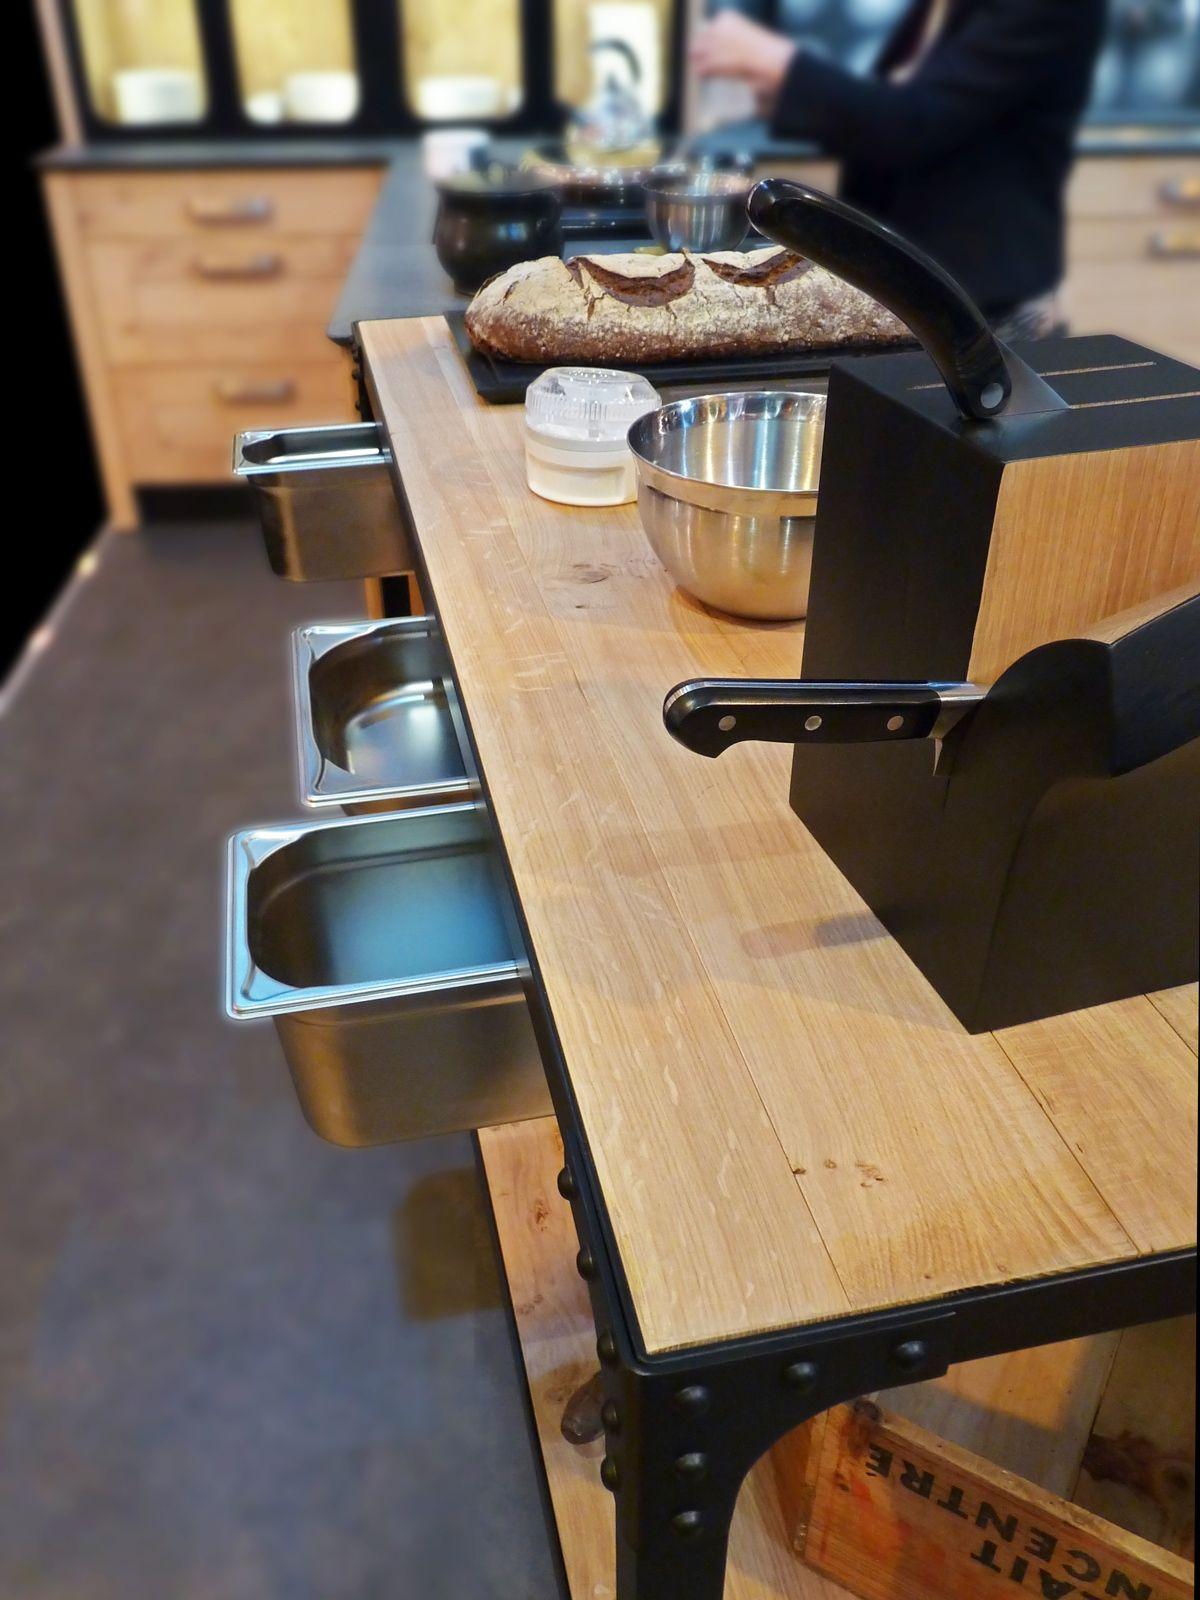 Plan De Travail Mobile atelier culinaire , cuisine chêne massif clair, desserte